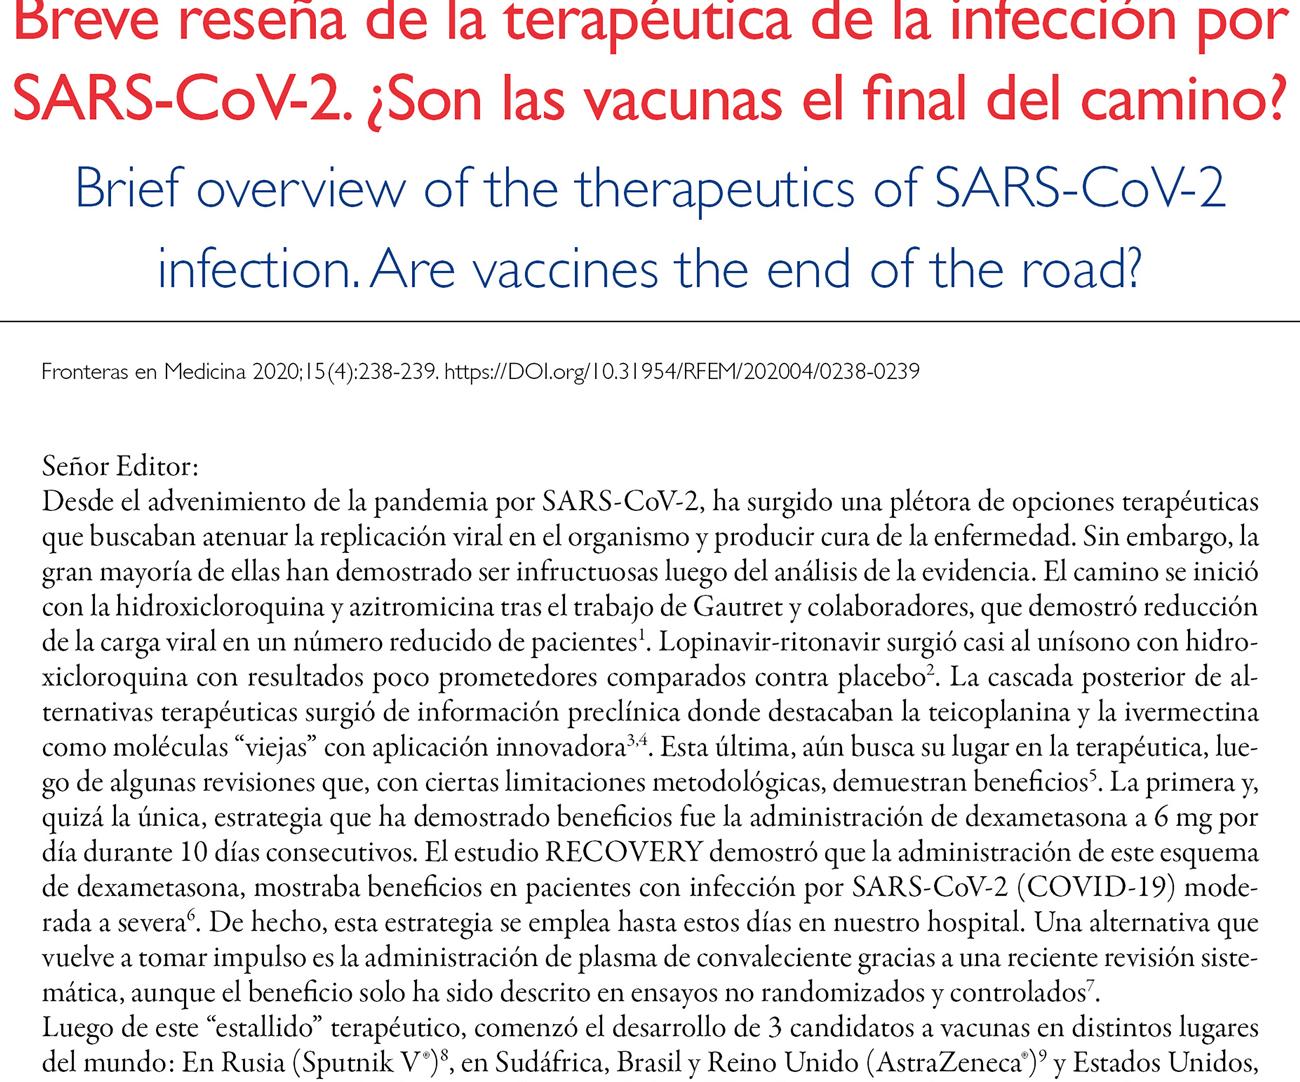 Breve reseña de la terapéutica de la infección por SARS-CoV-2. ¿Son las vacunas el final del camino?